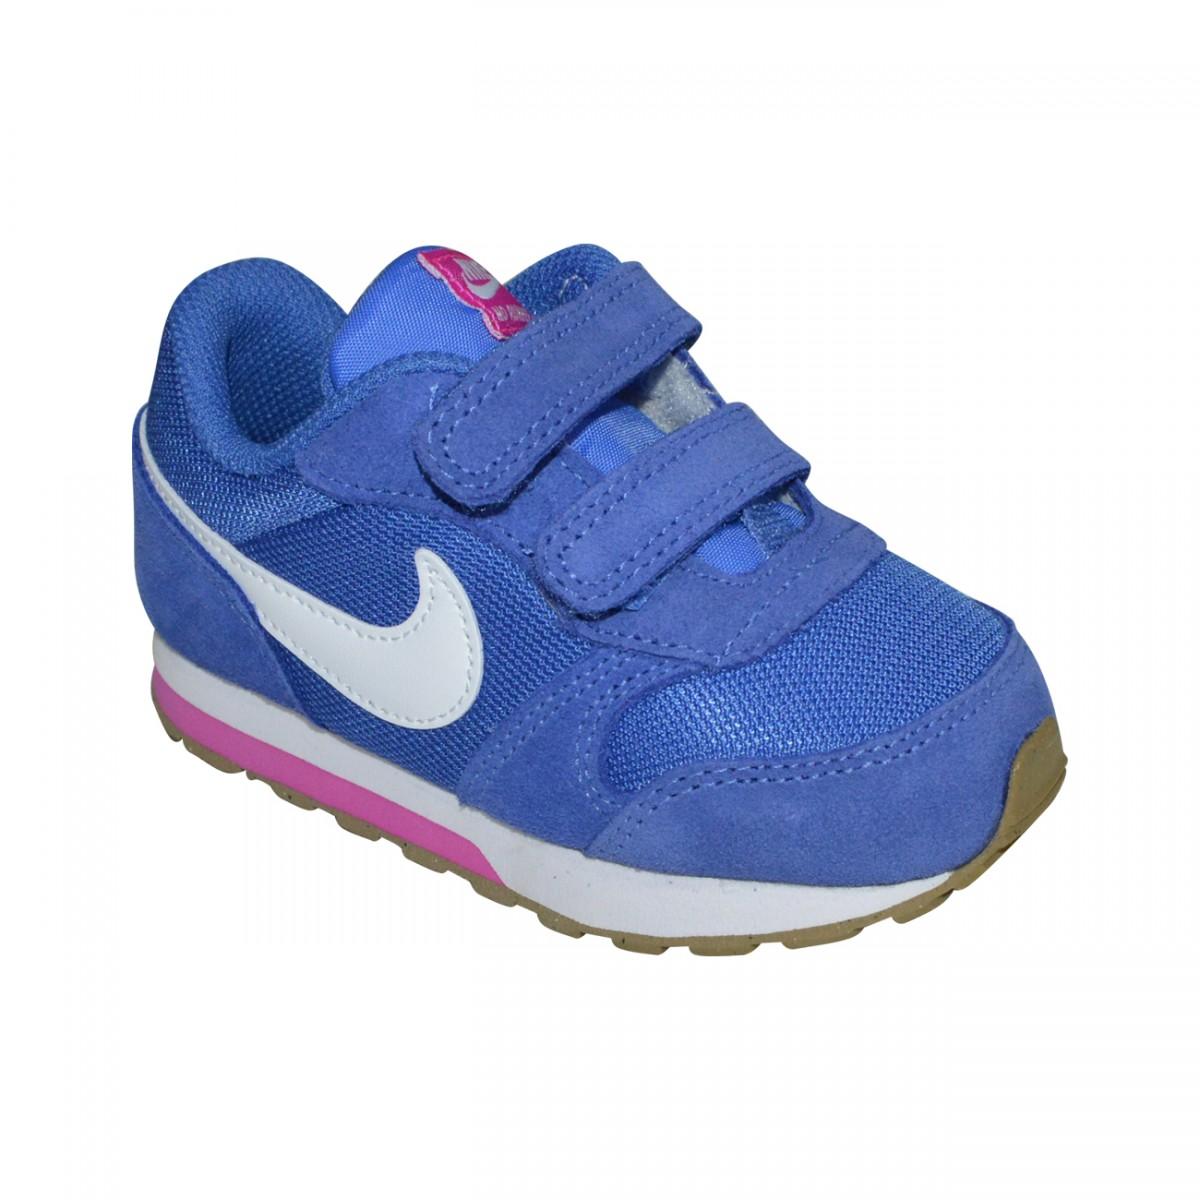 32d0f08658 Tenis Nike MD Runner 2 Infantil 807328 404 - Royal Branco Pink - Chuteira  Nike